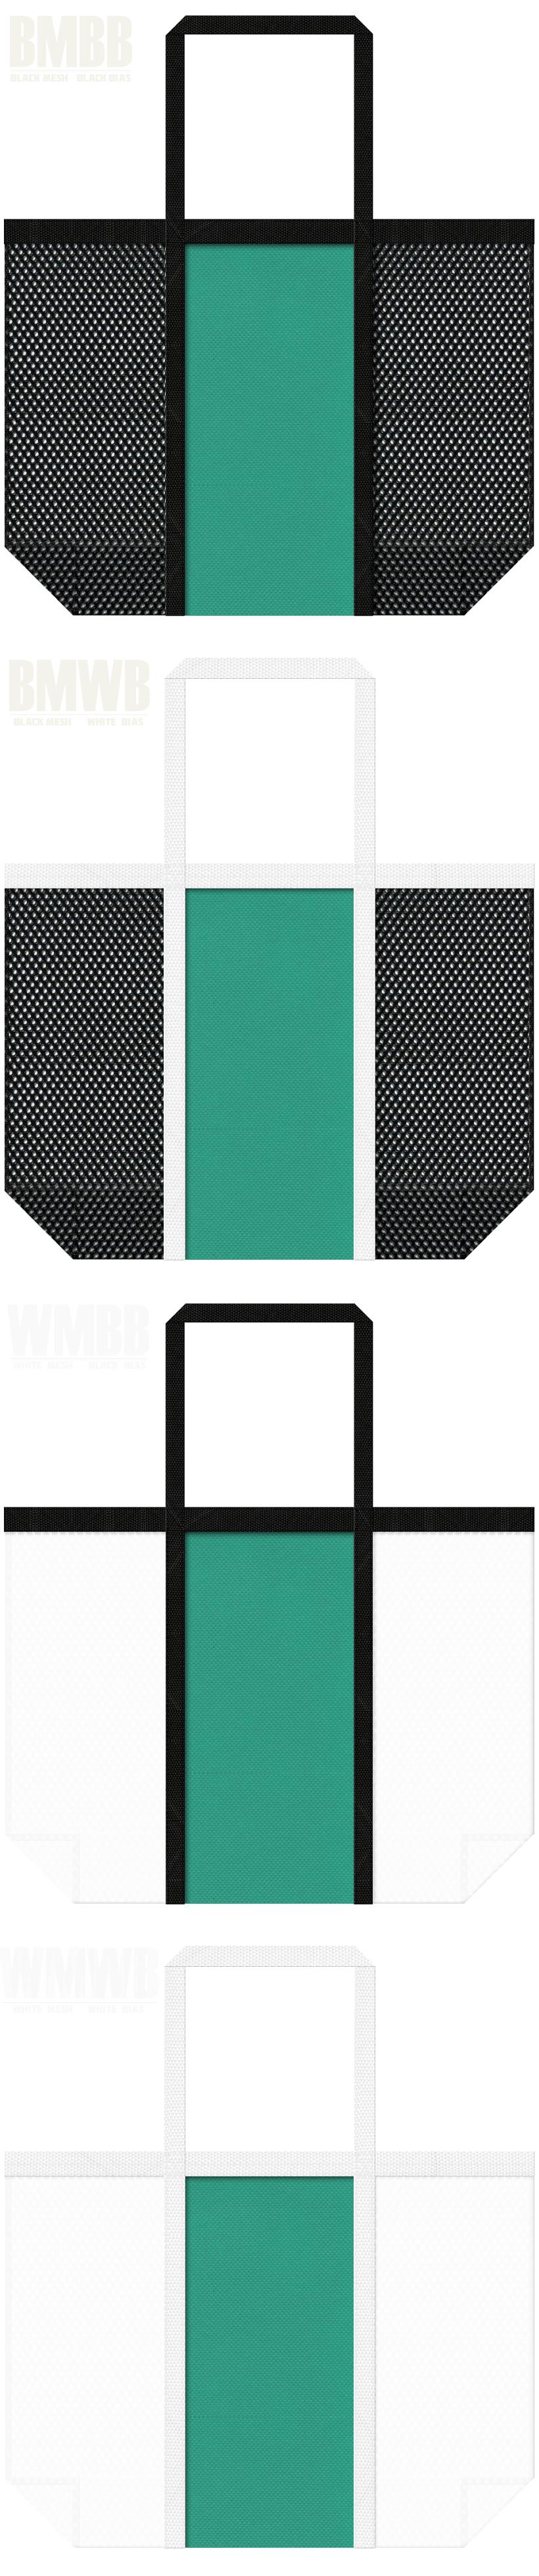 台形型メッシュバッグのカラーシミュレーション:黒色・白色メッシュと青緑色不織布の組み合わせ